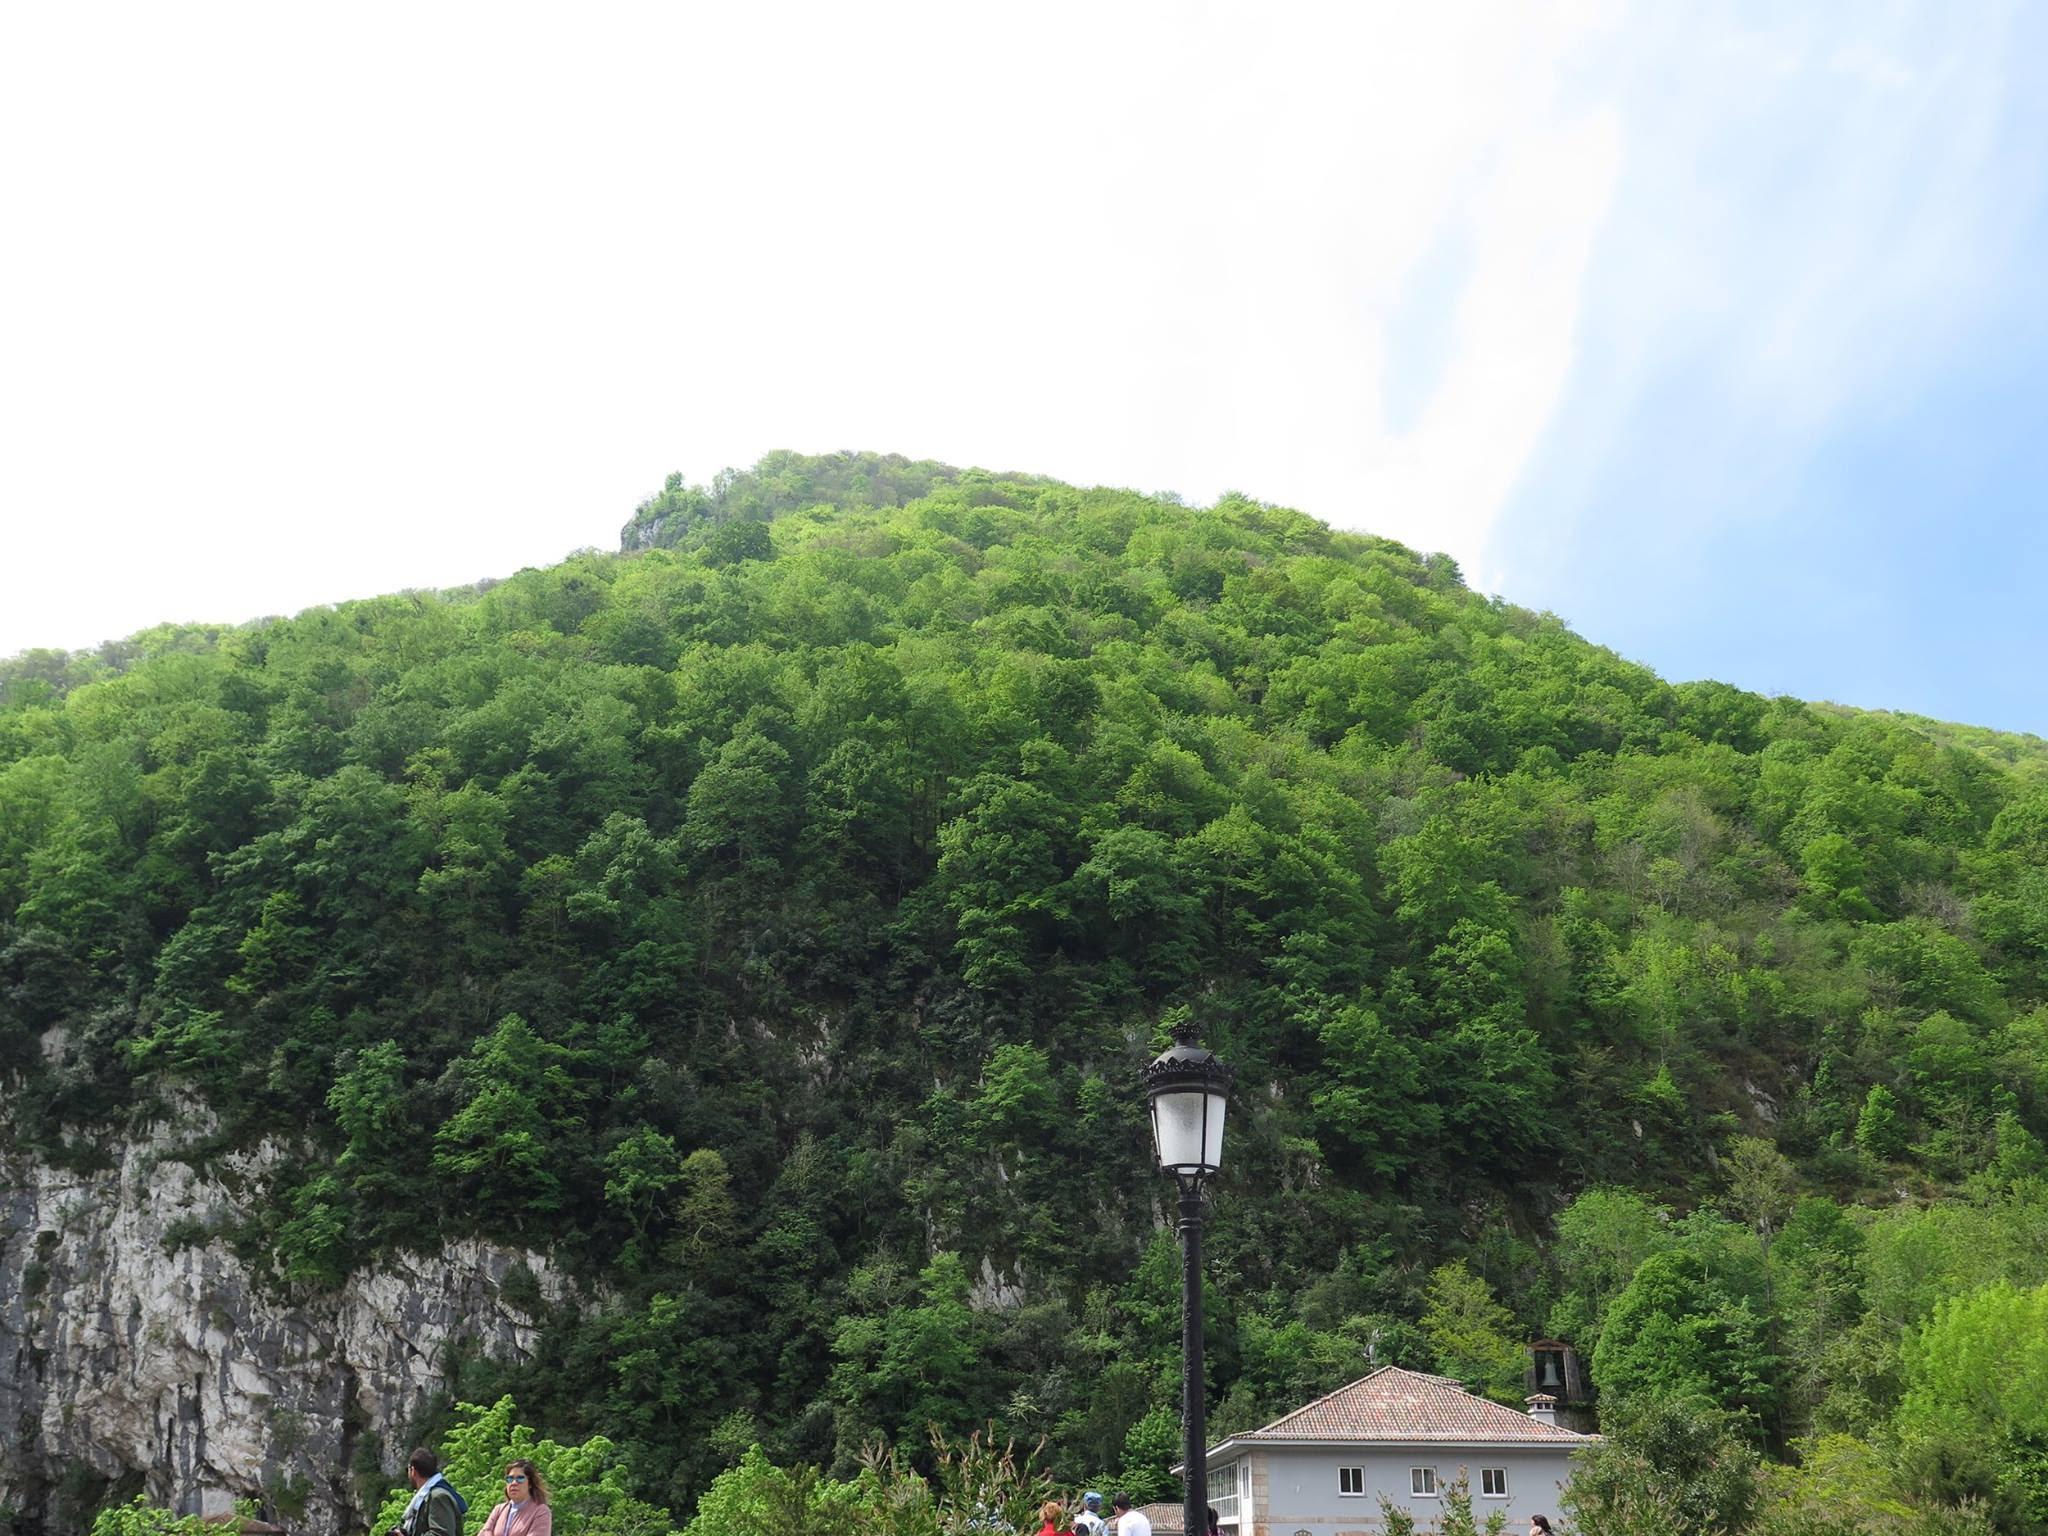 2017.05.2 y3 - Viaje Covadonga Sector Hnos. Mayores (21)